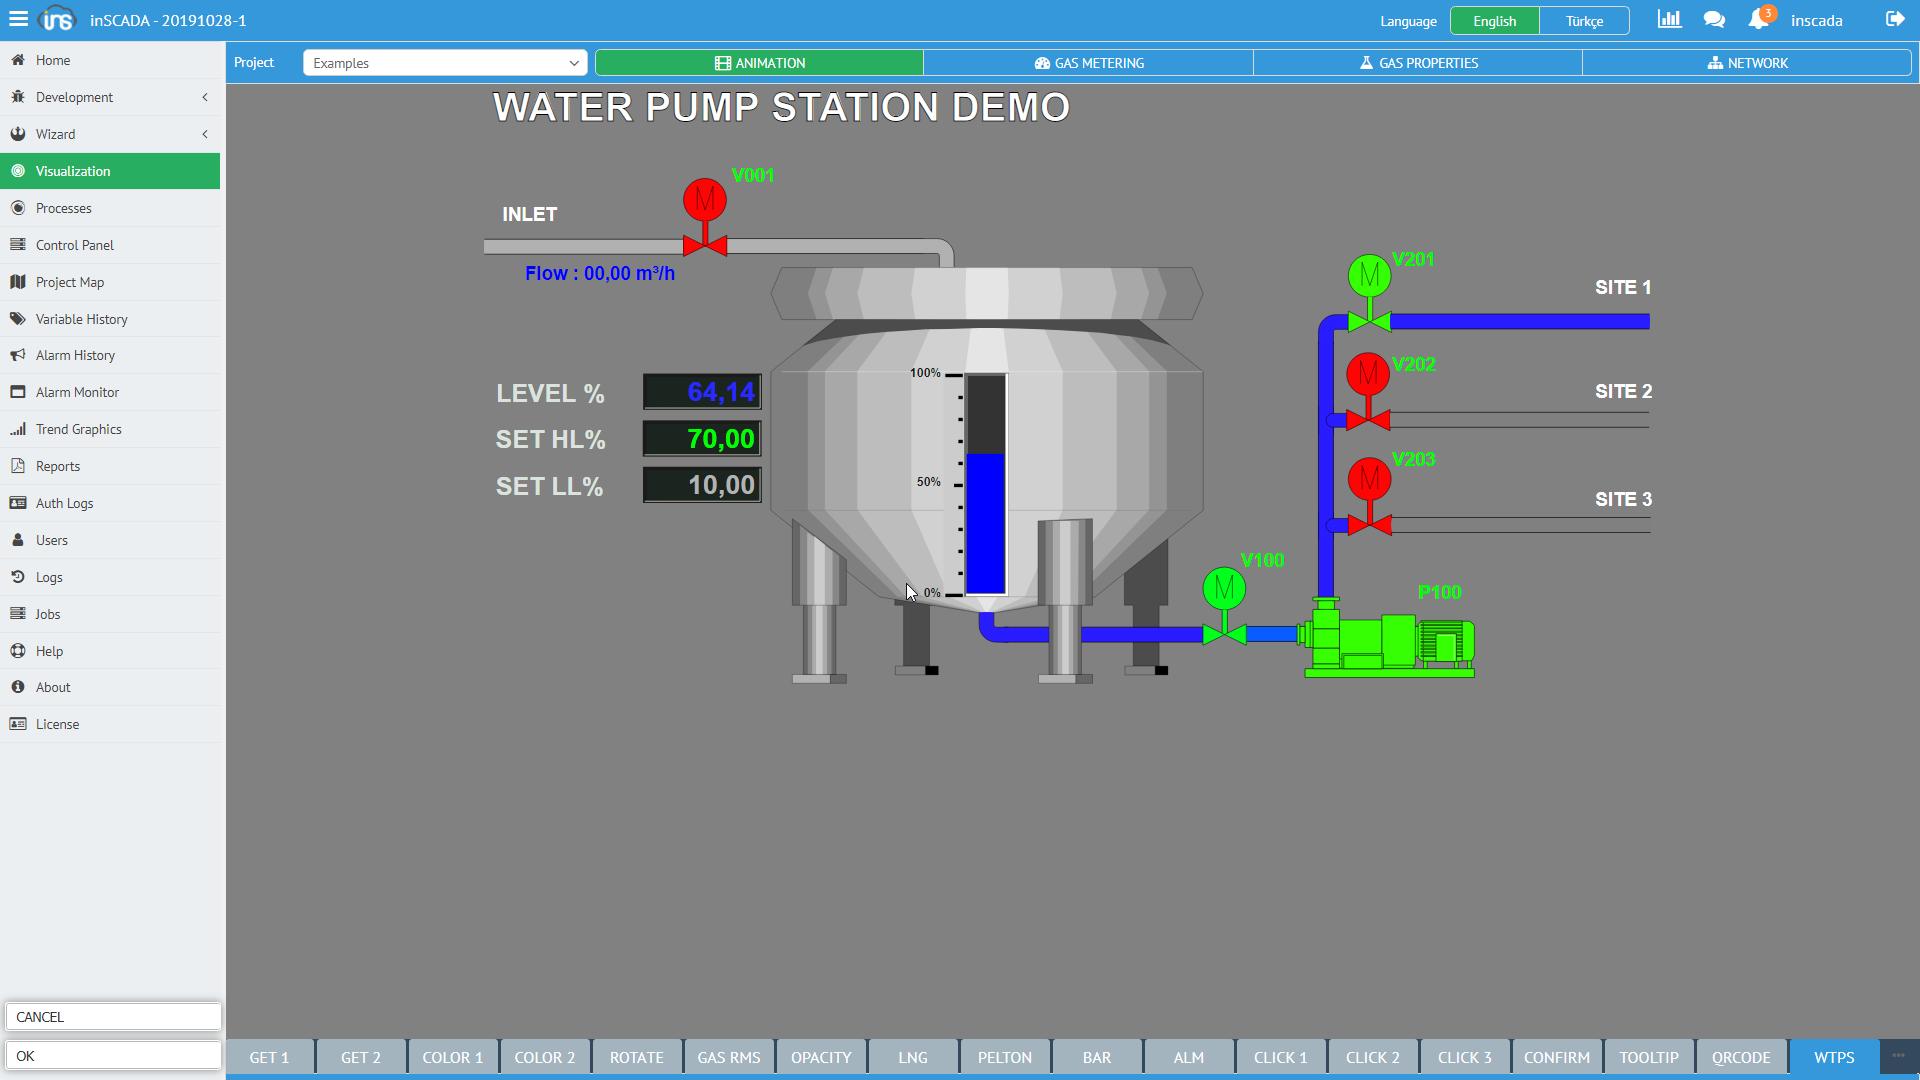 Example - WTPS